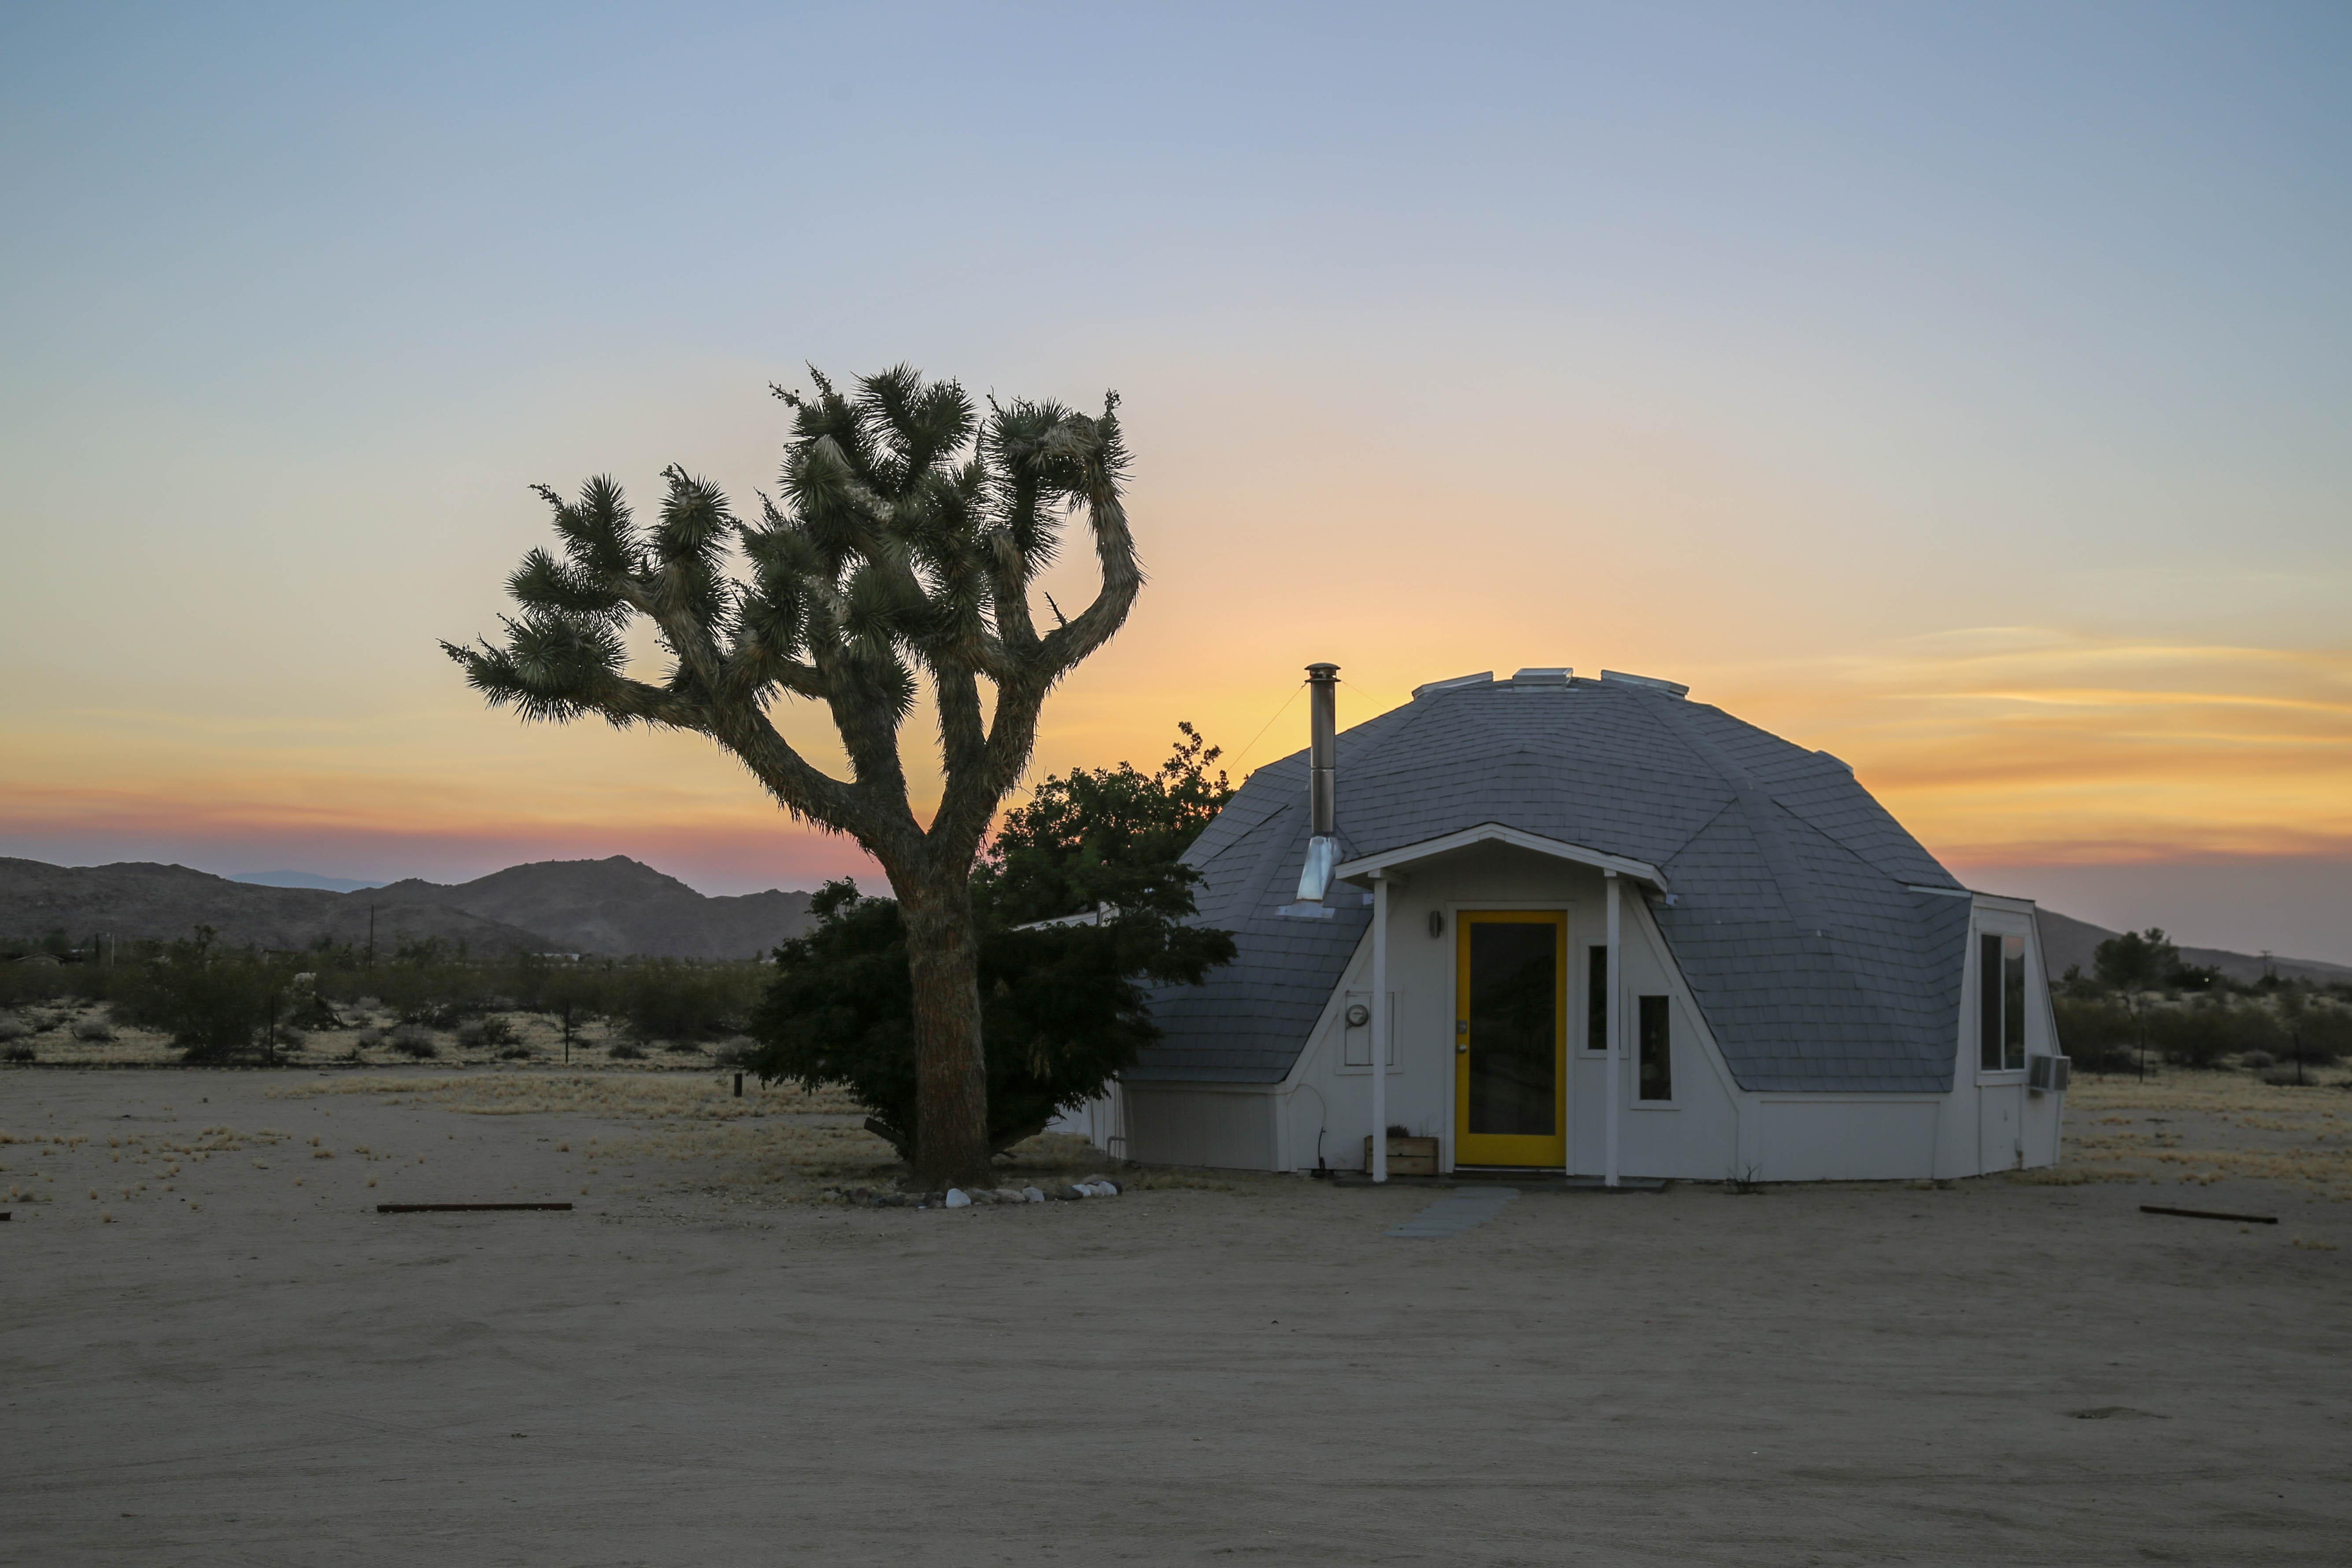 Joshua Tree National Park : Dormir dans le désert